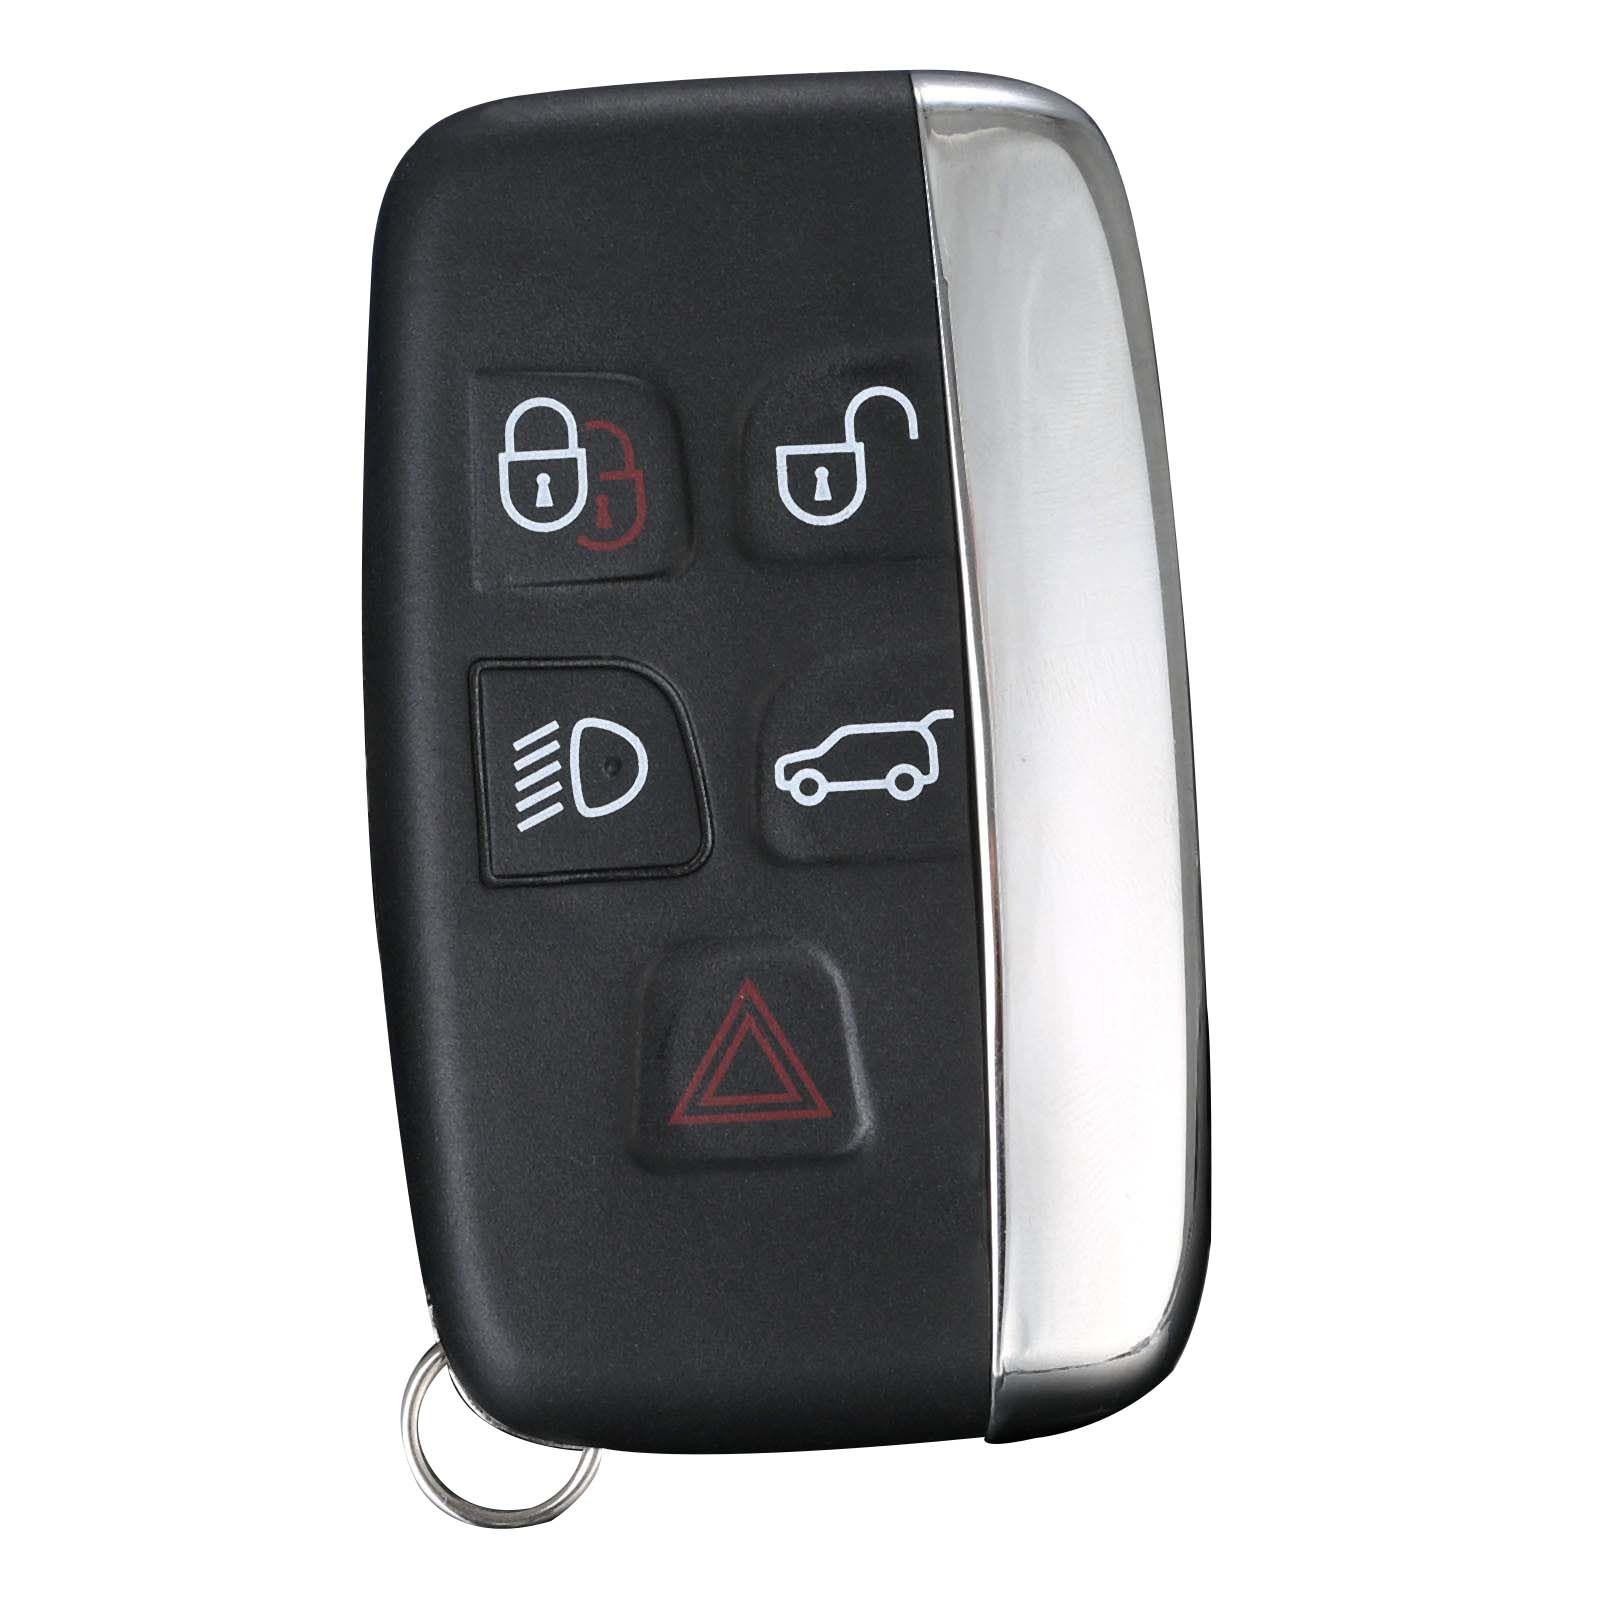 Chave Smart key Evoque 5 Botões 434MHZ - 60324